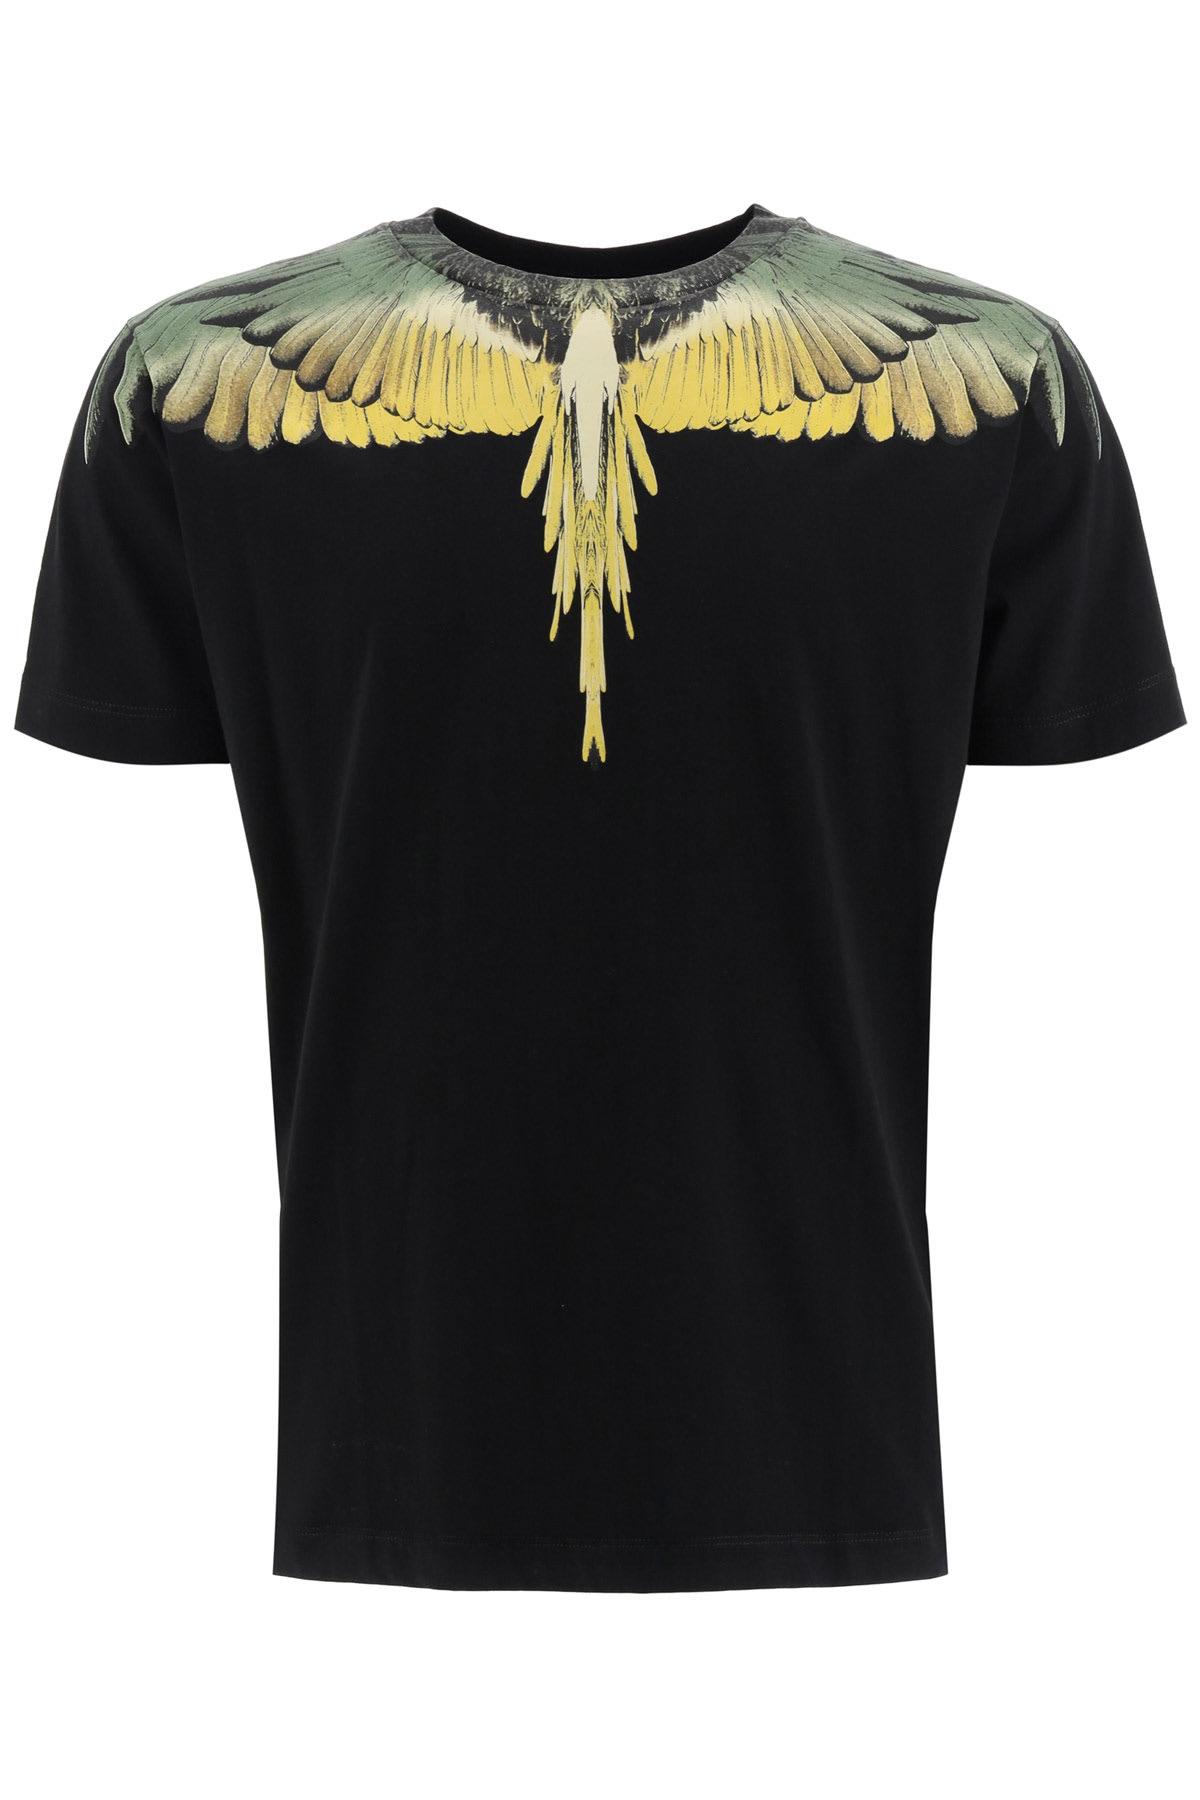 Marcelo Burlon Multicolour Wings T-shirt